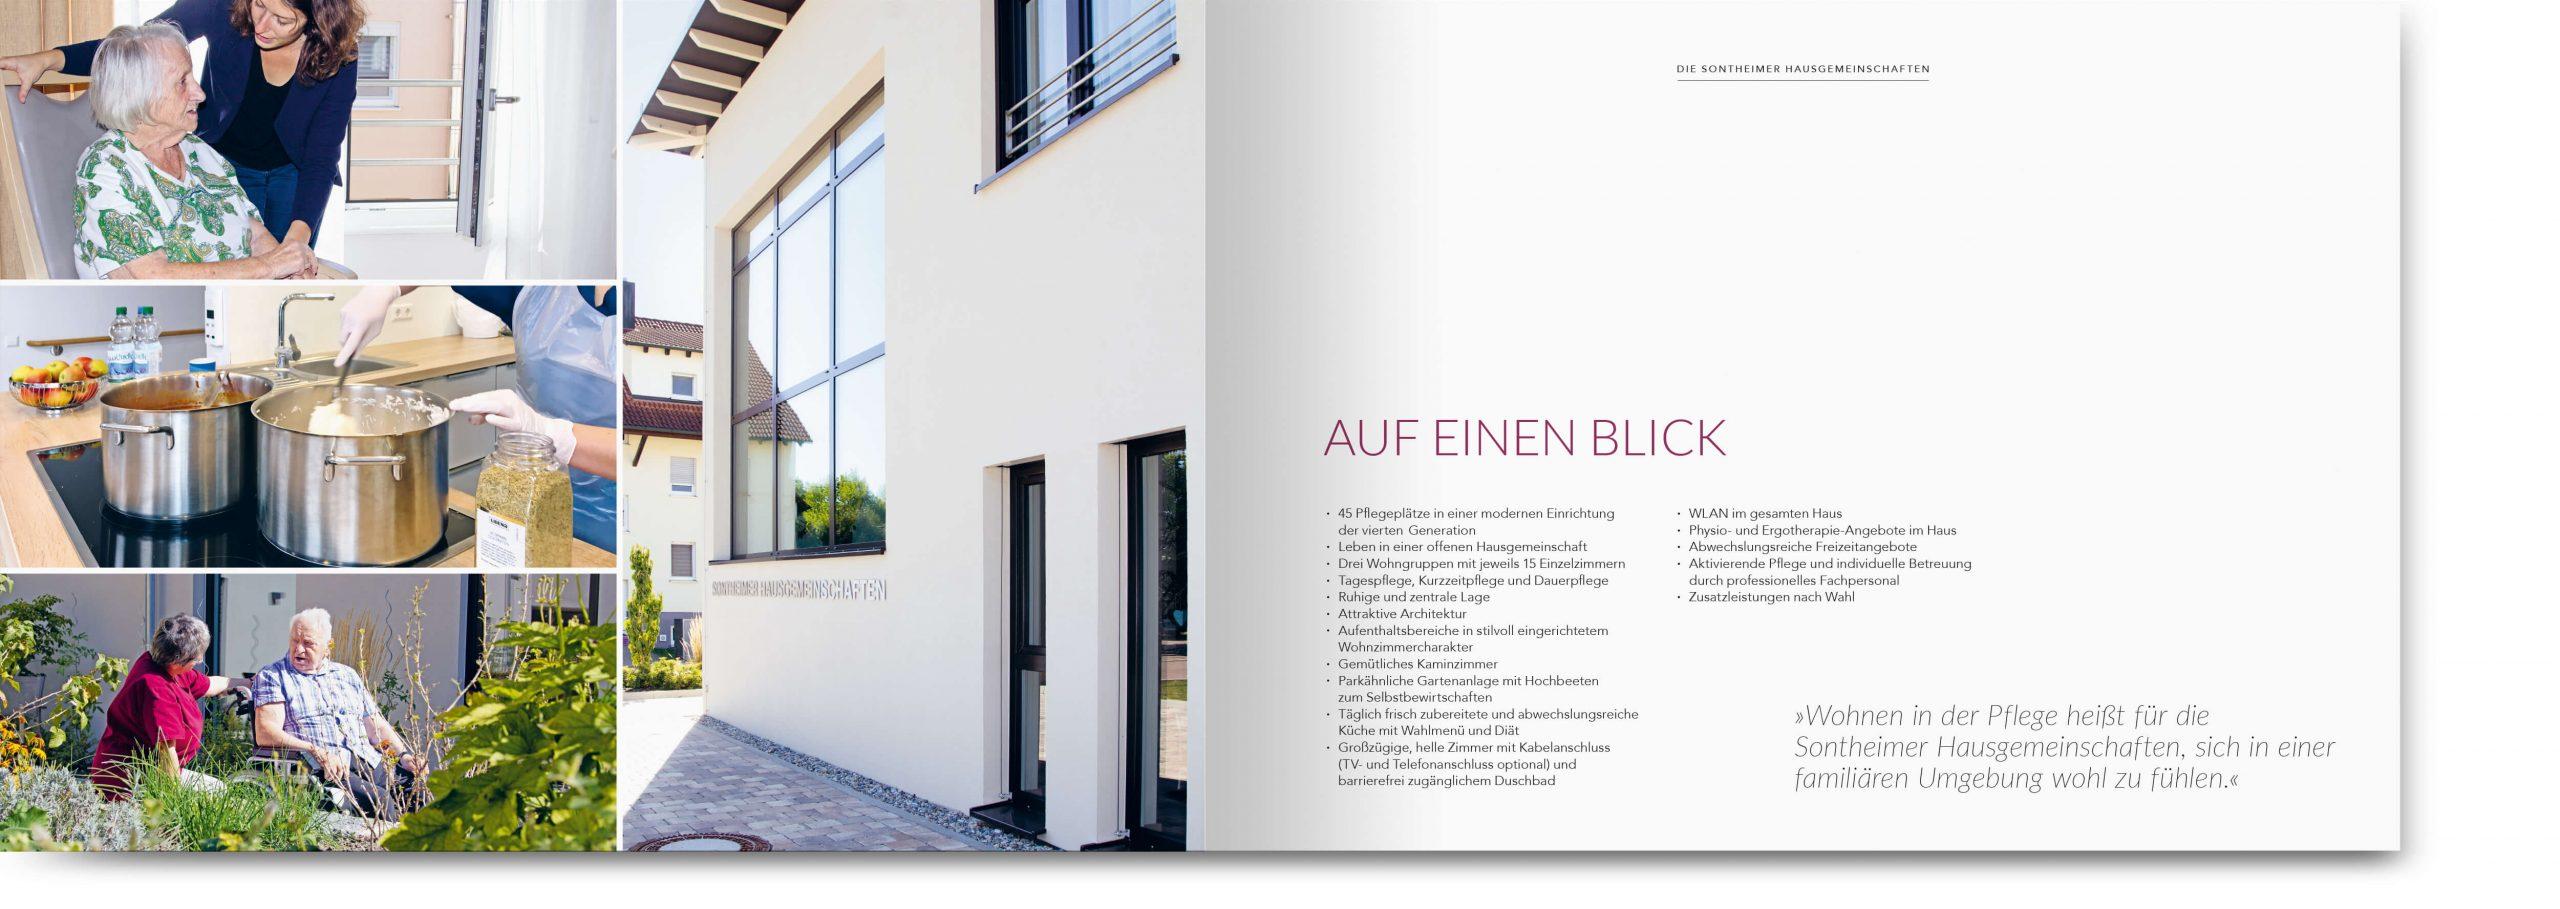 fh-web-asb-broschüren-sontheim-7-scaled.jpg